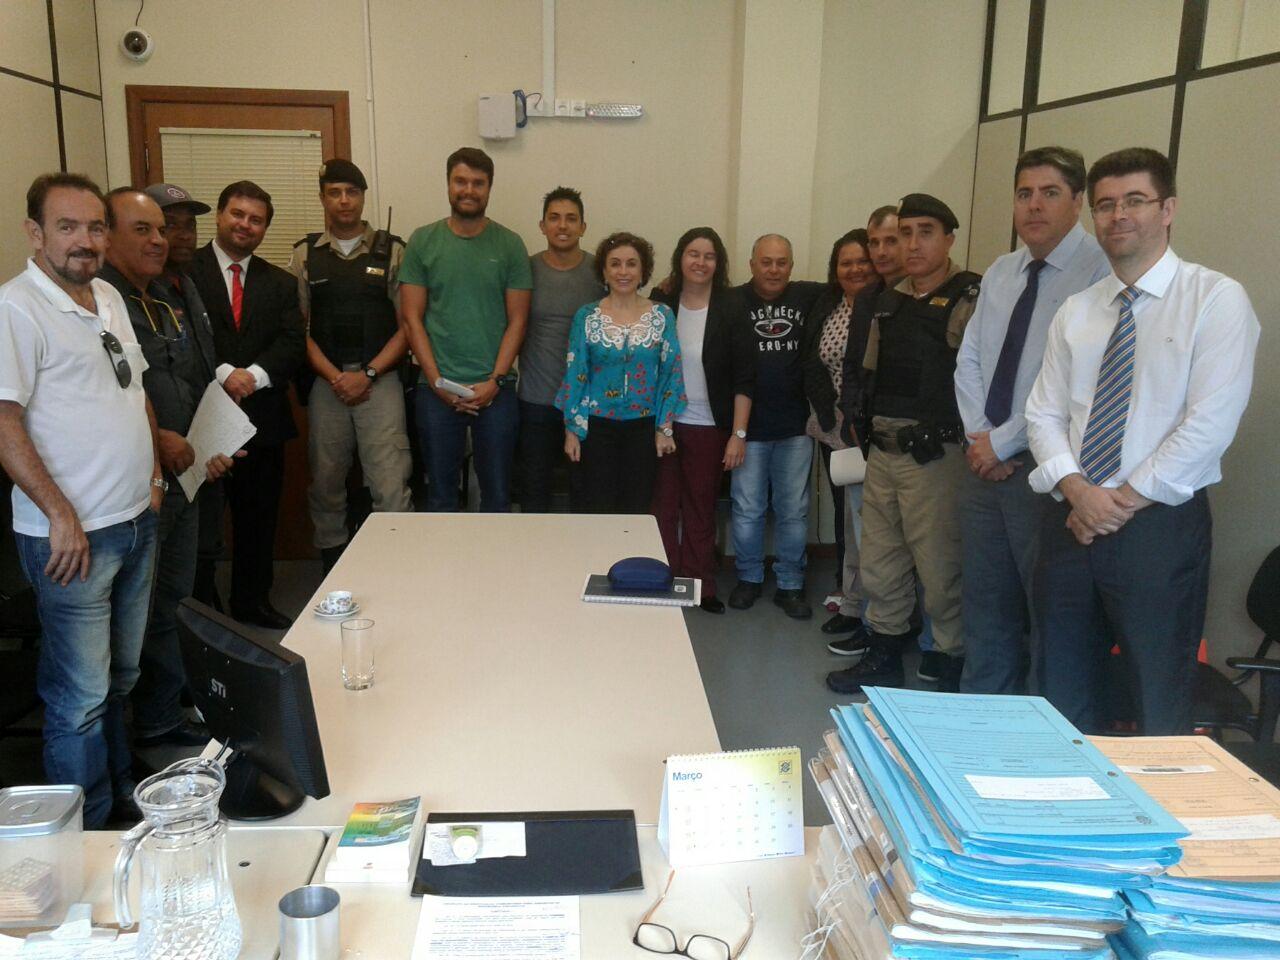 Entidades estiveram reunidas para a criação da Associação Lavrense para Assuntos de Segurança Pública.